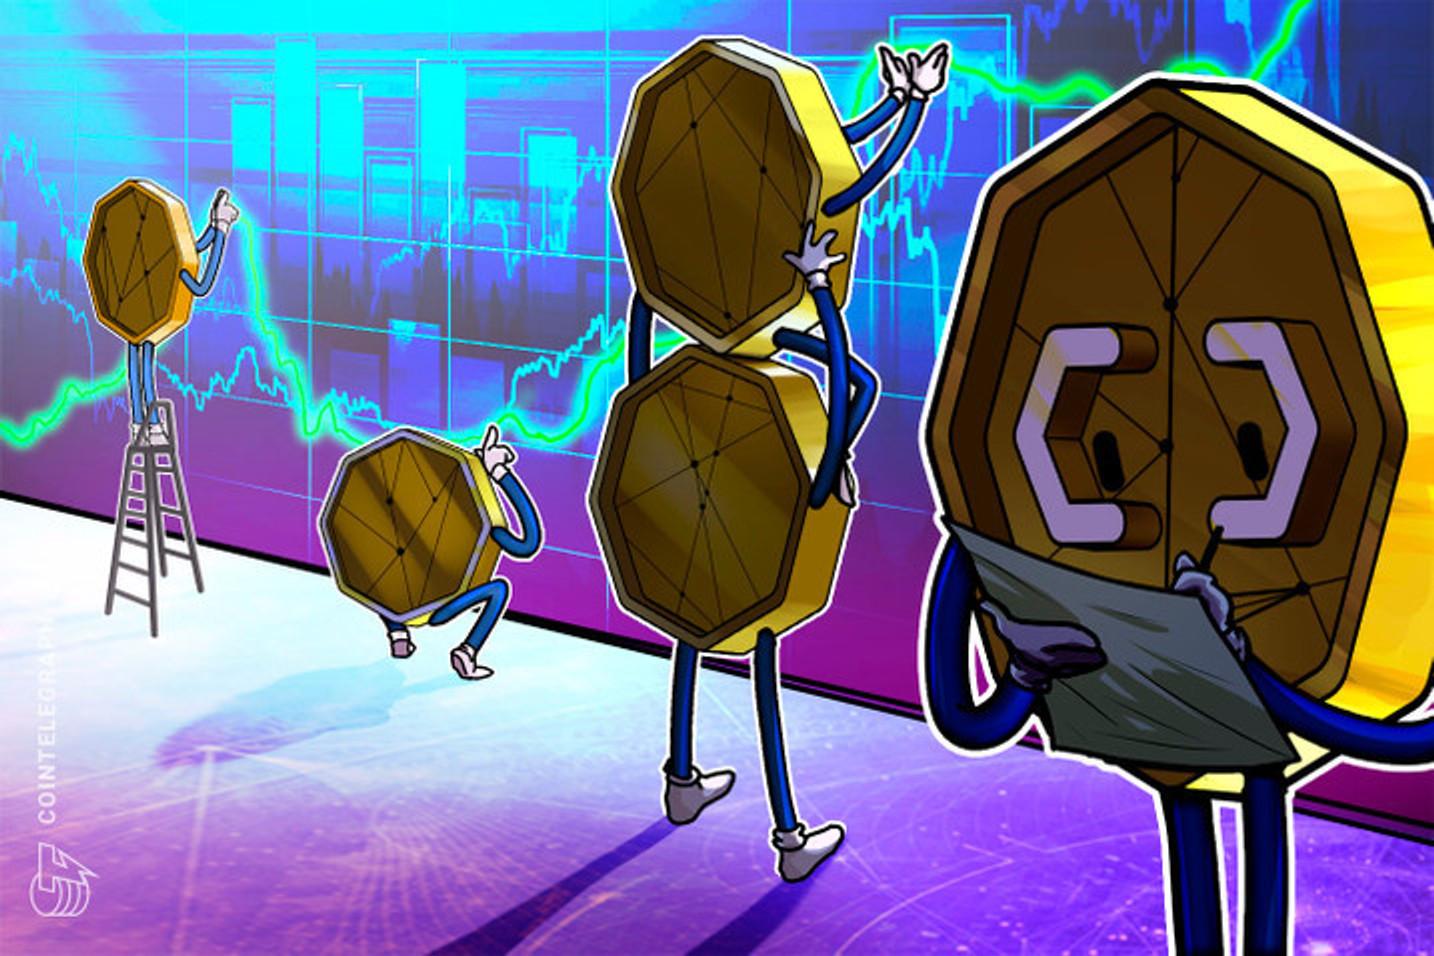 Fundos de criptomoedas brasileiros superam o Bitcoin com crescimento de até 85% no semestre